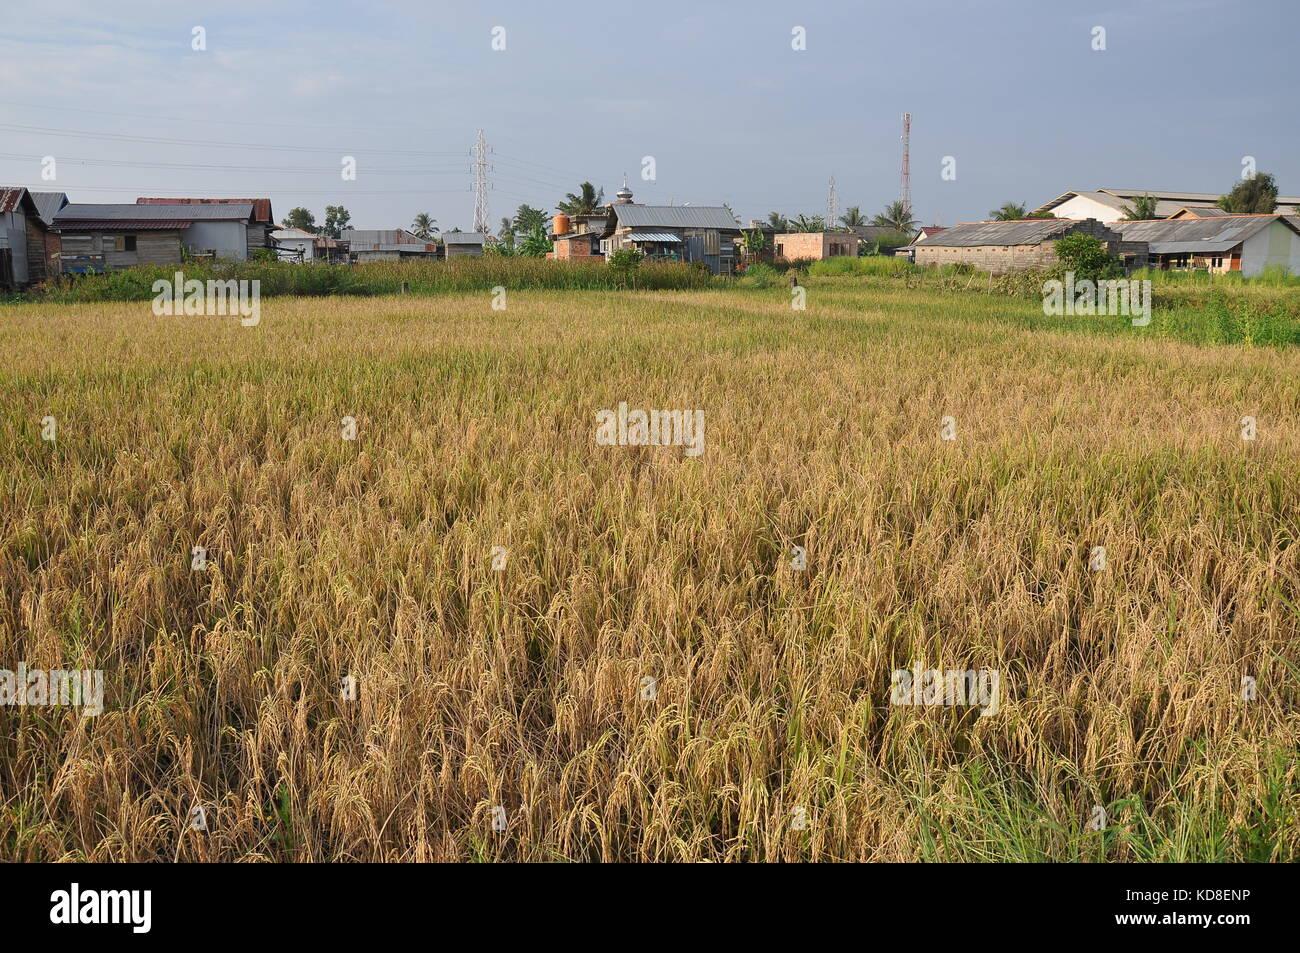 palembang - Stock Image